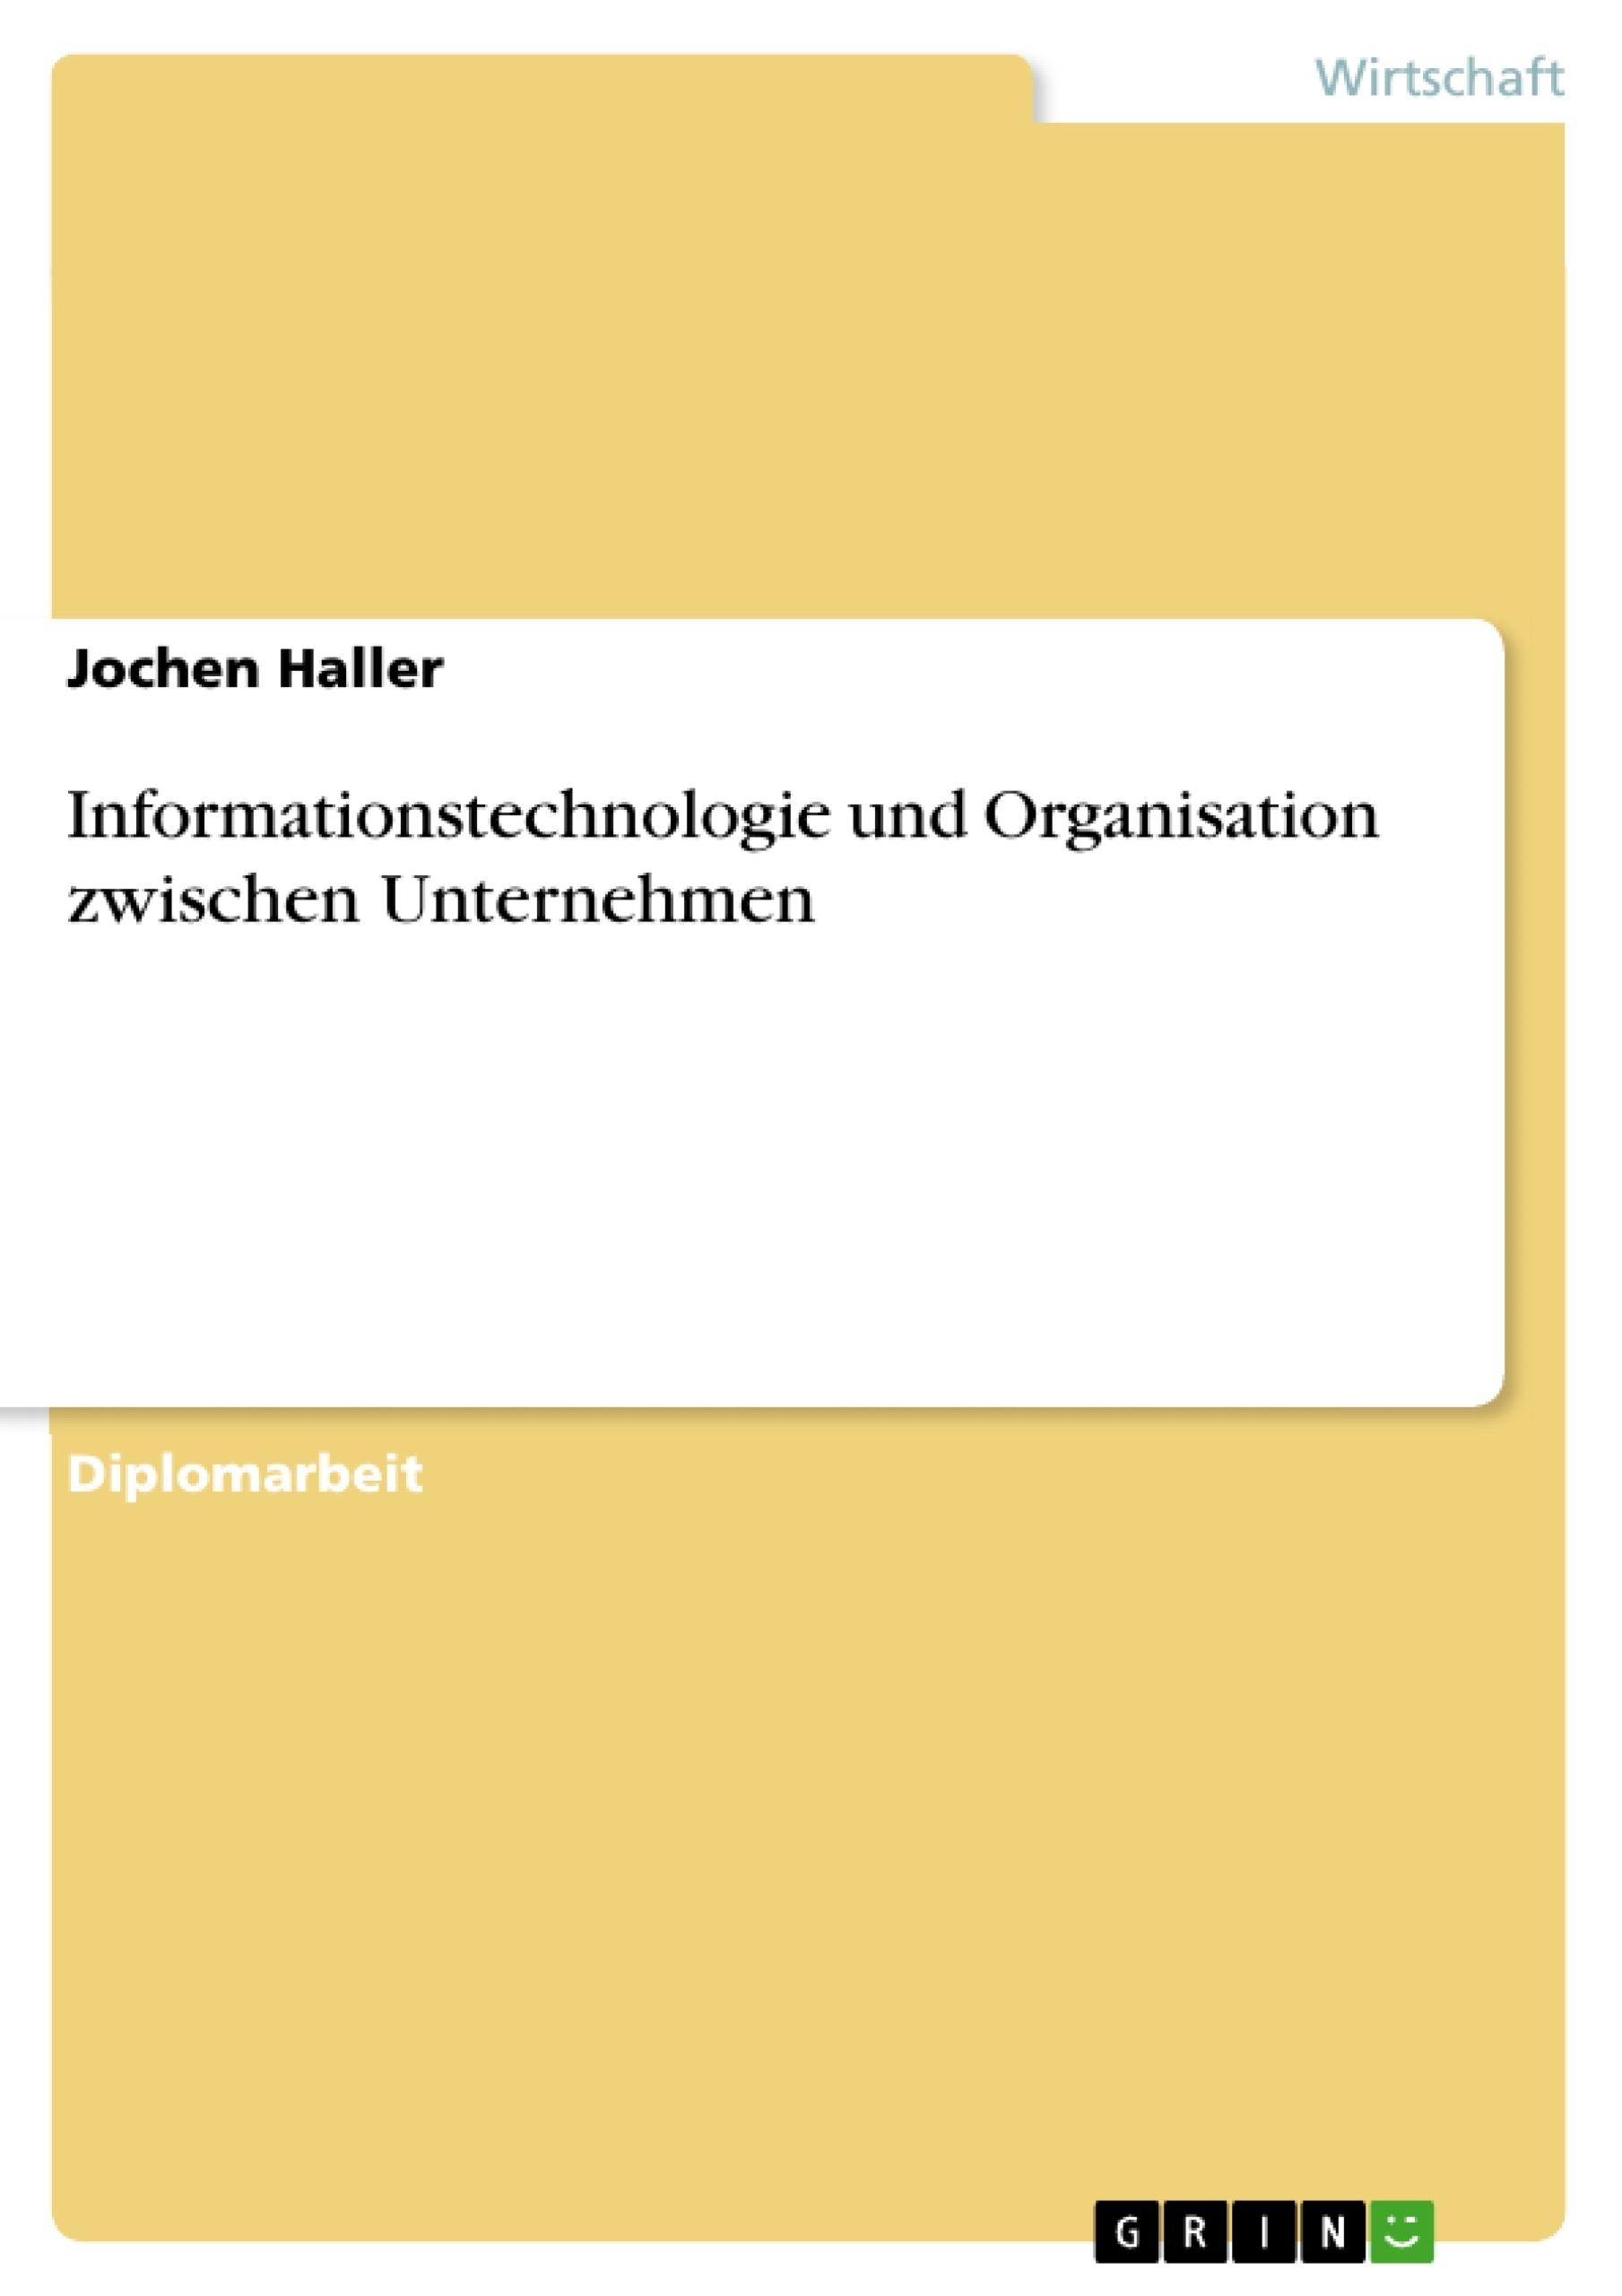 Titel: Informationstechnologie und Organisation zwischen Unternehmen